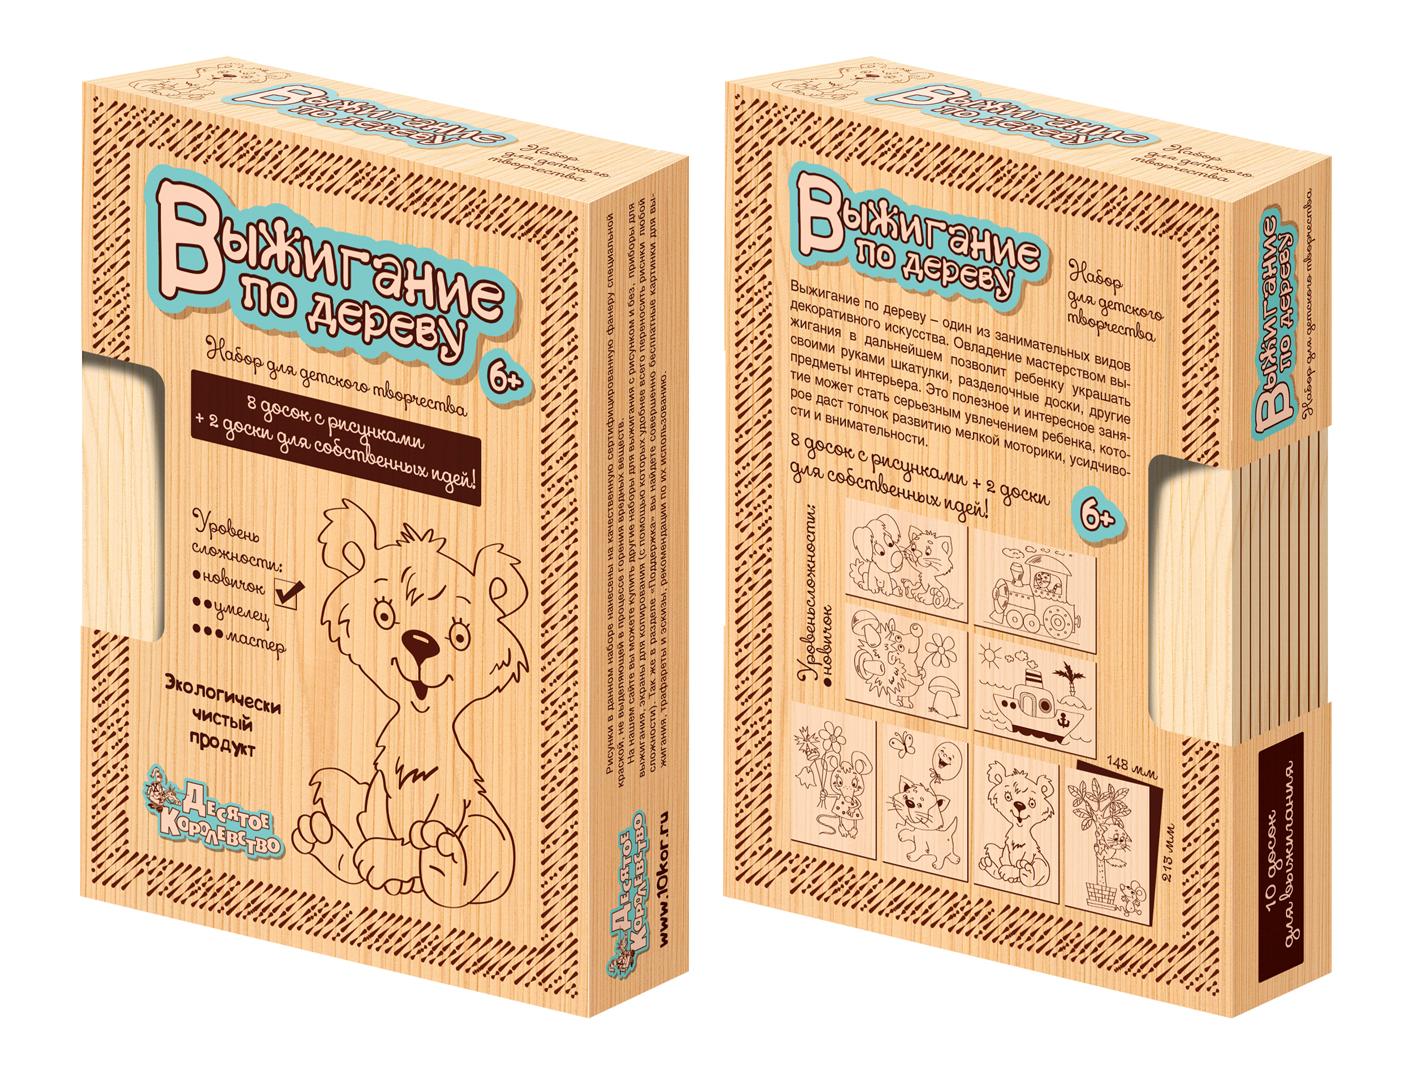 Доски для выжигания 10 шт., сложность рисунков новичокВыжигание по дереву<br>Доски для выжигания 10 шт., сложность рисунков новичок<br>